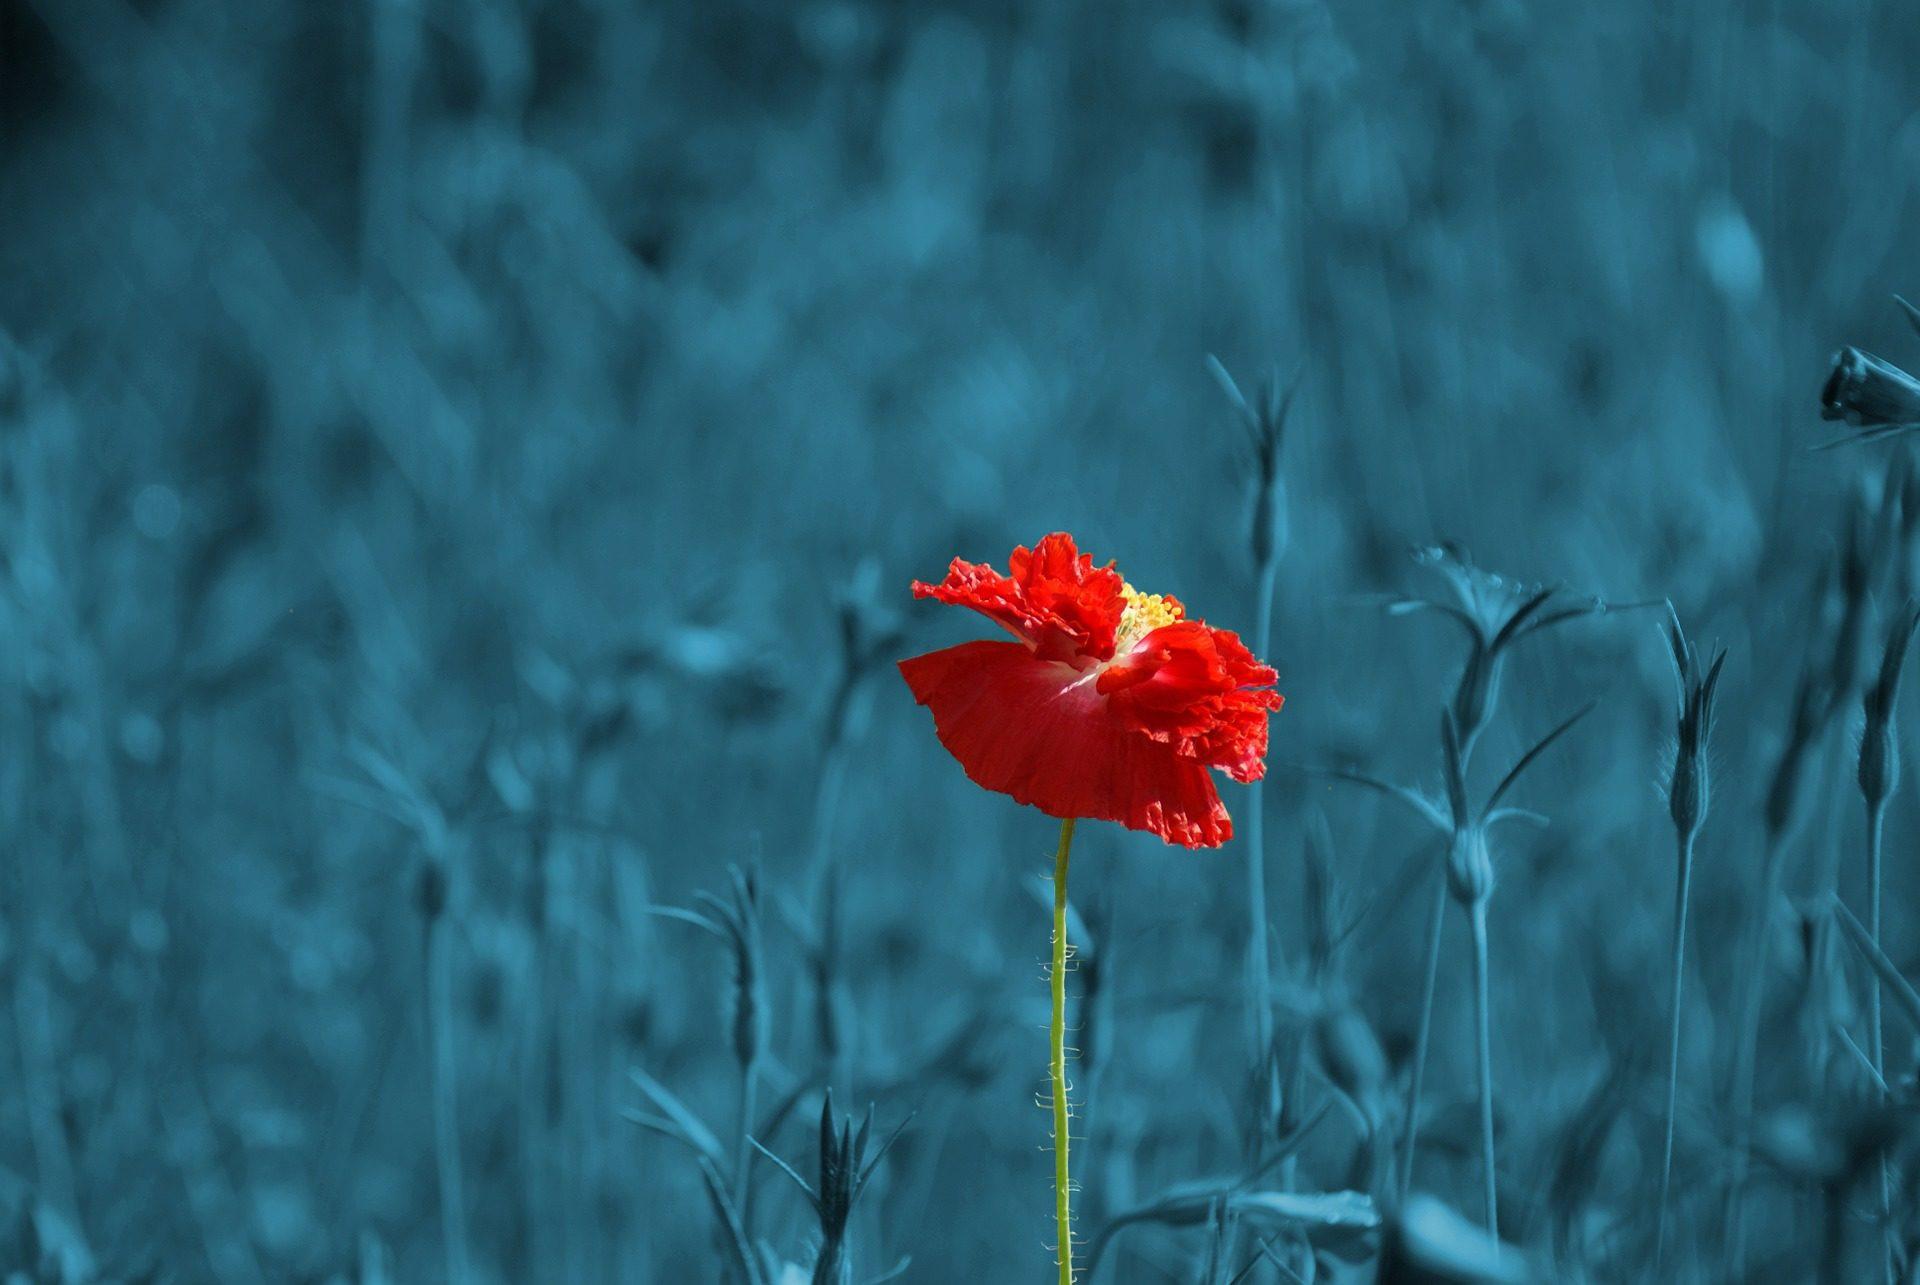 fiore, Rosso, papavero, campo, Blu - Sfondi HD - Professor-falken.com